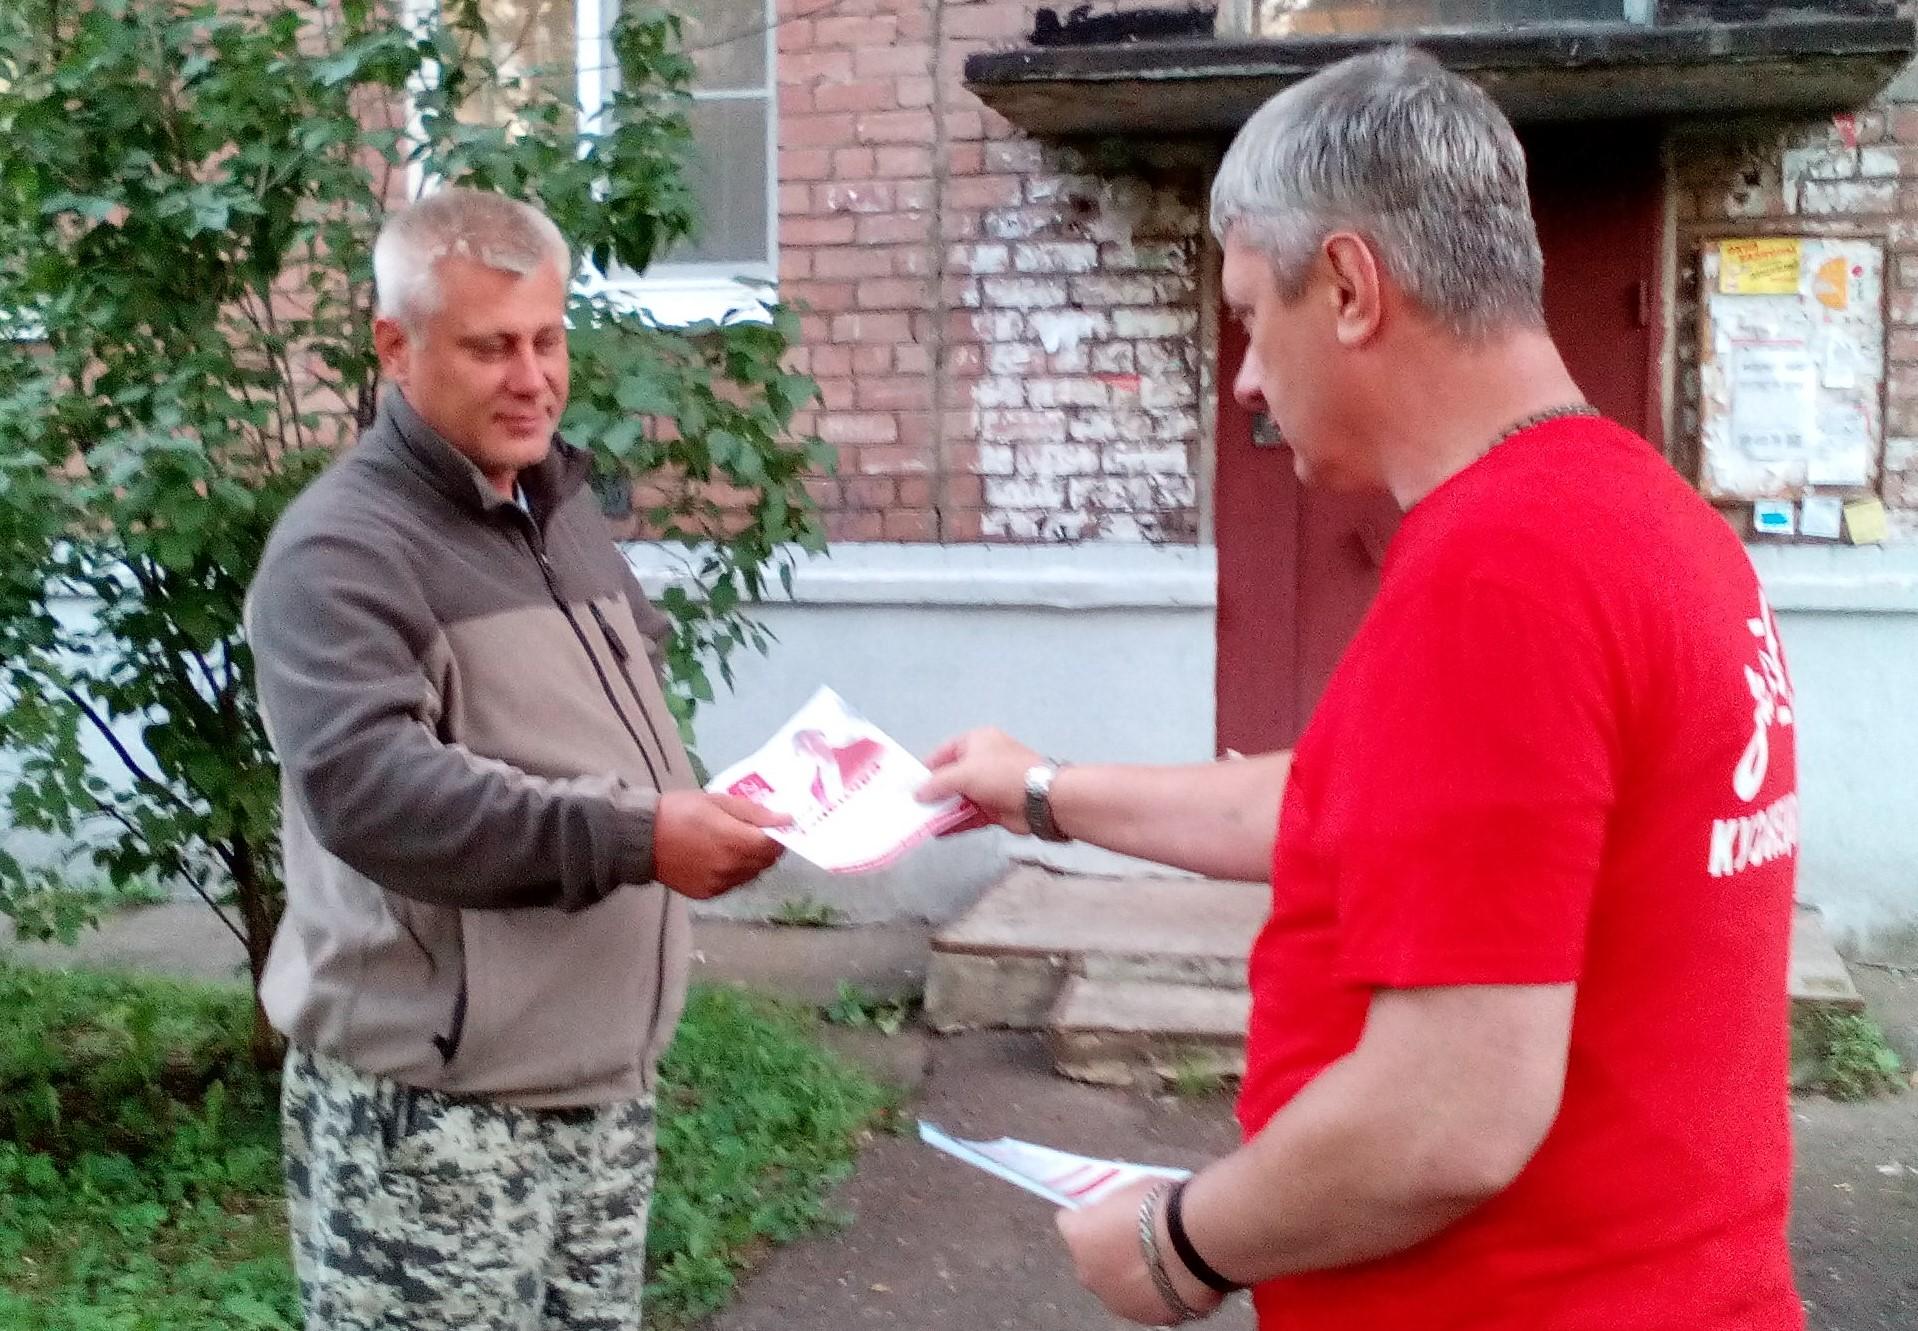 Продолжается агитация за кандидата в Госдуму от КПРФ во Фрунзенском районе